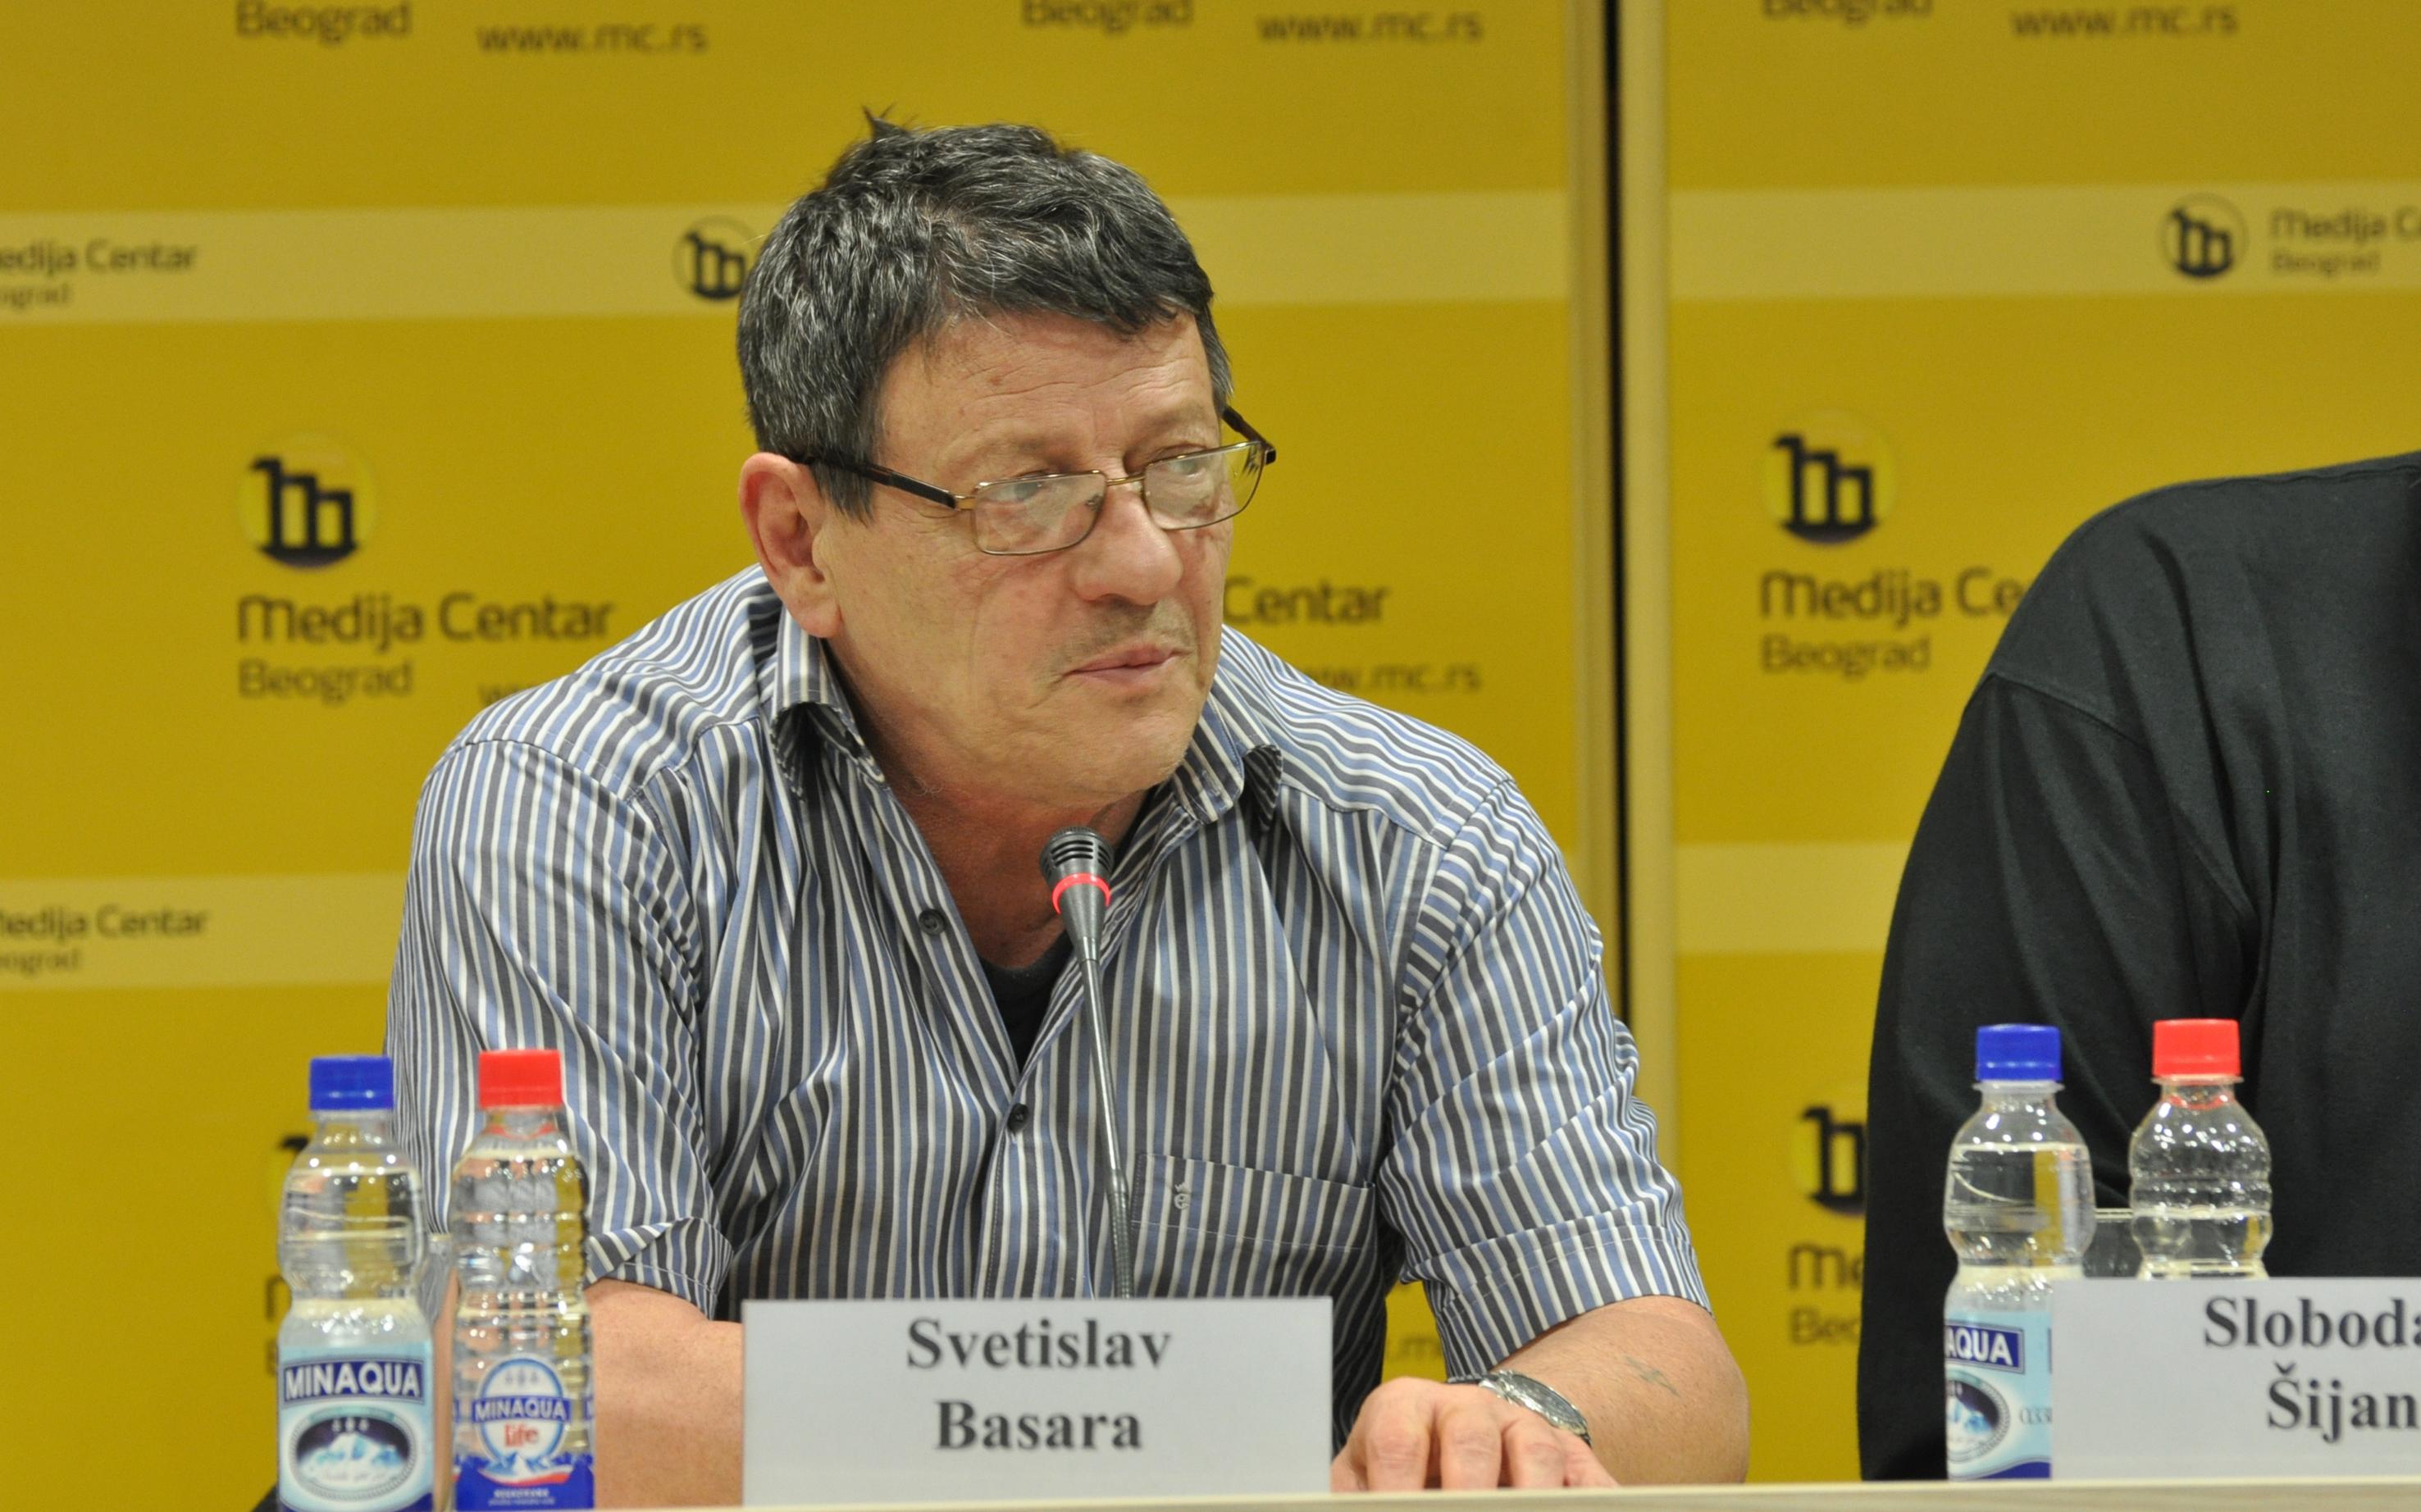 Svetislav Basara - foto Medija centar Beograd